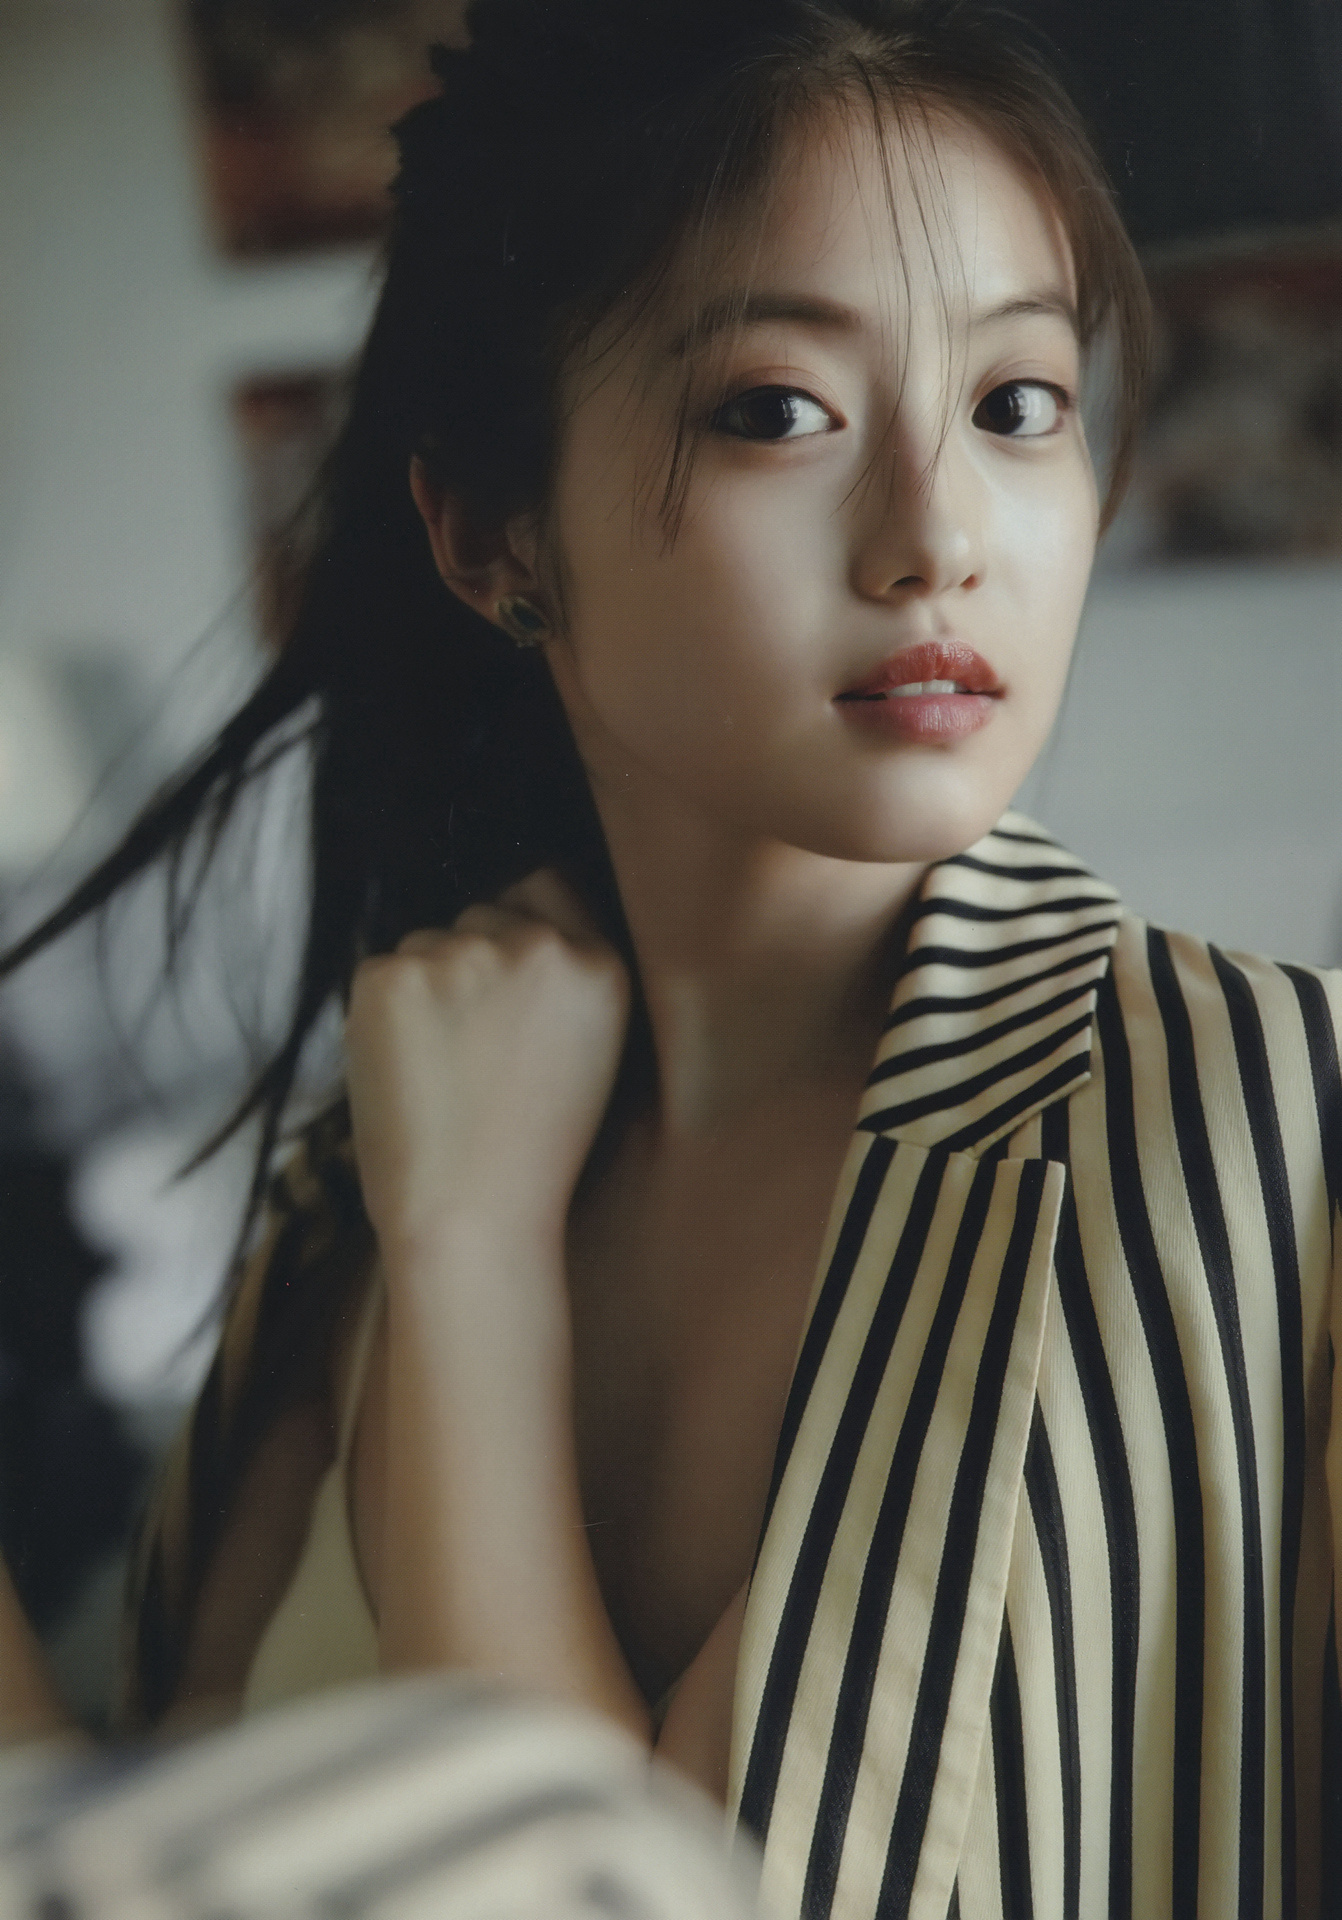 今田美樱-有意思吧